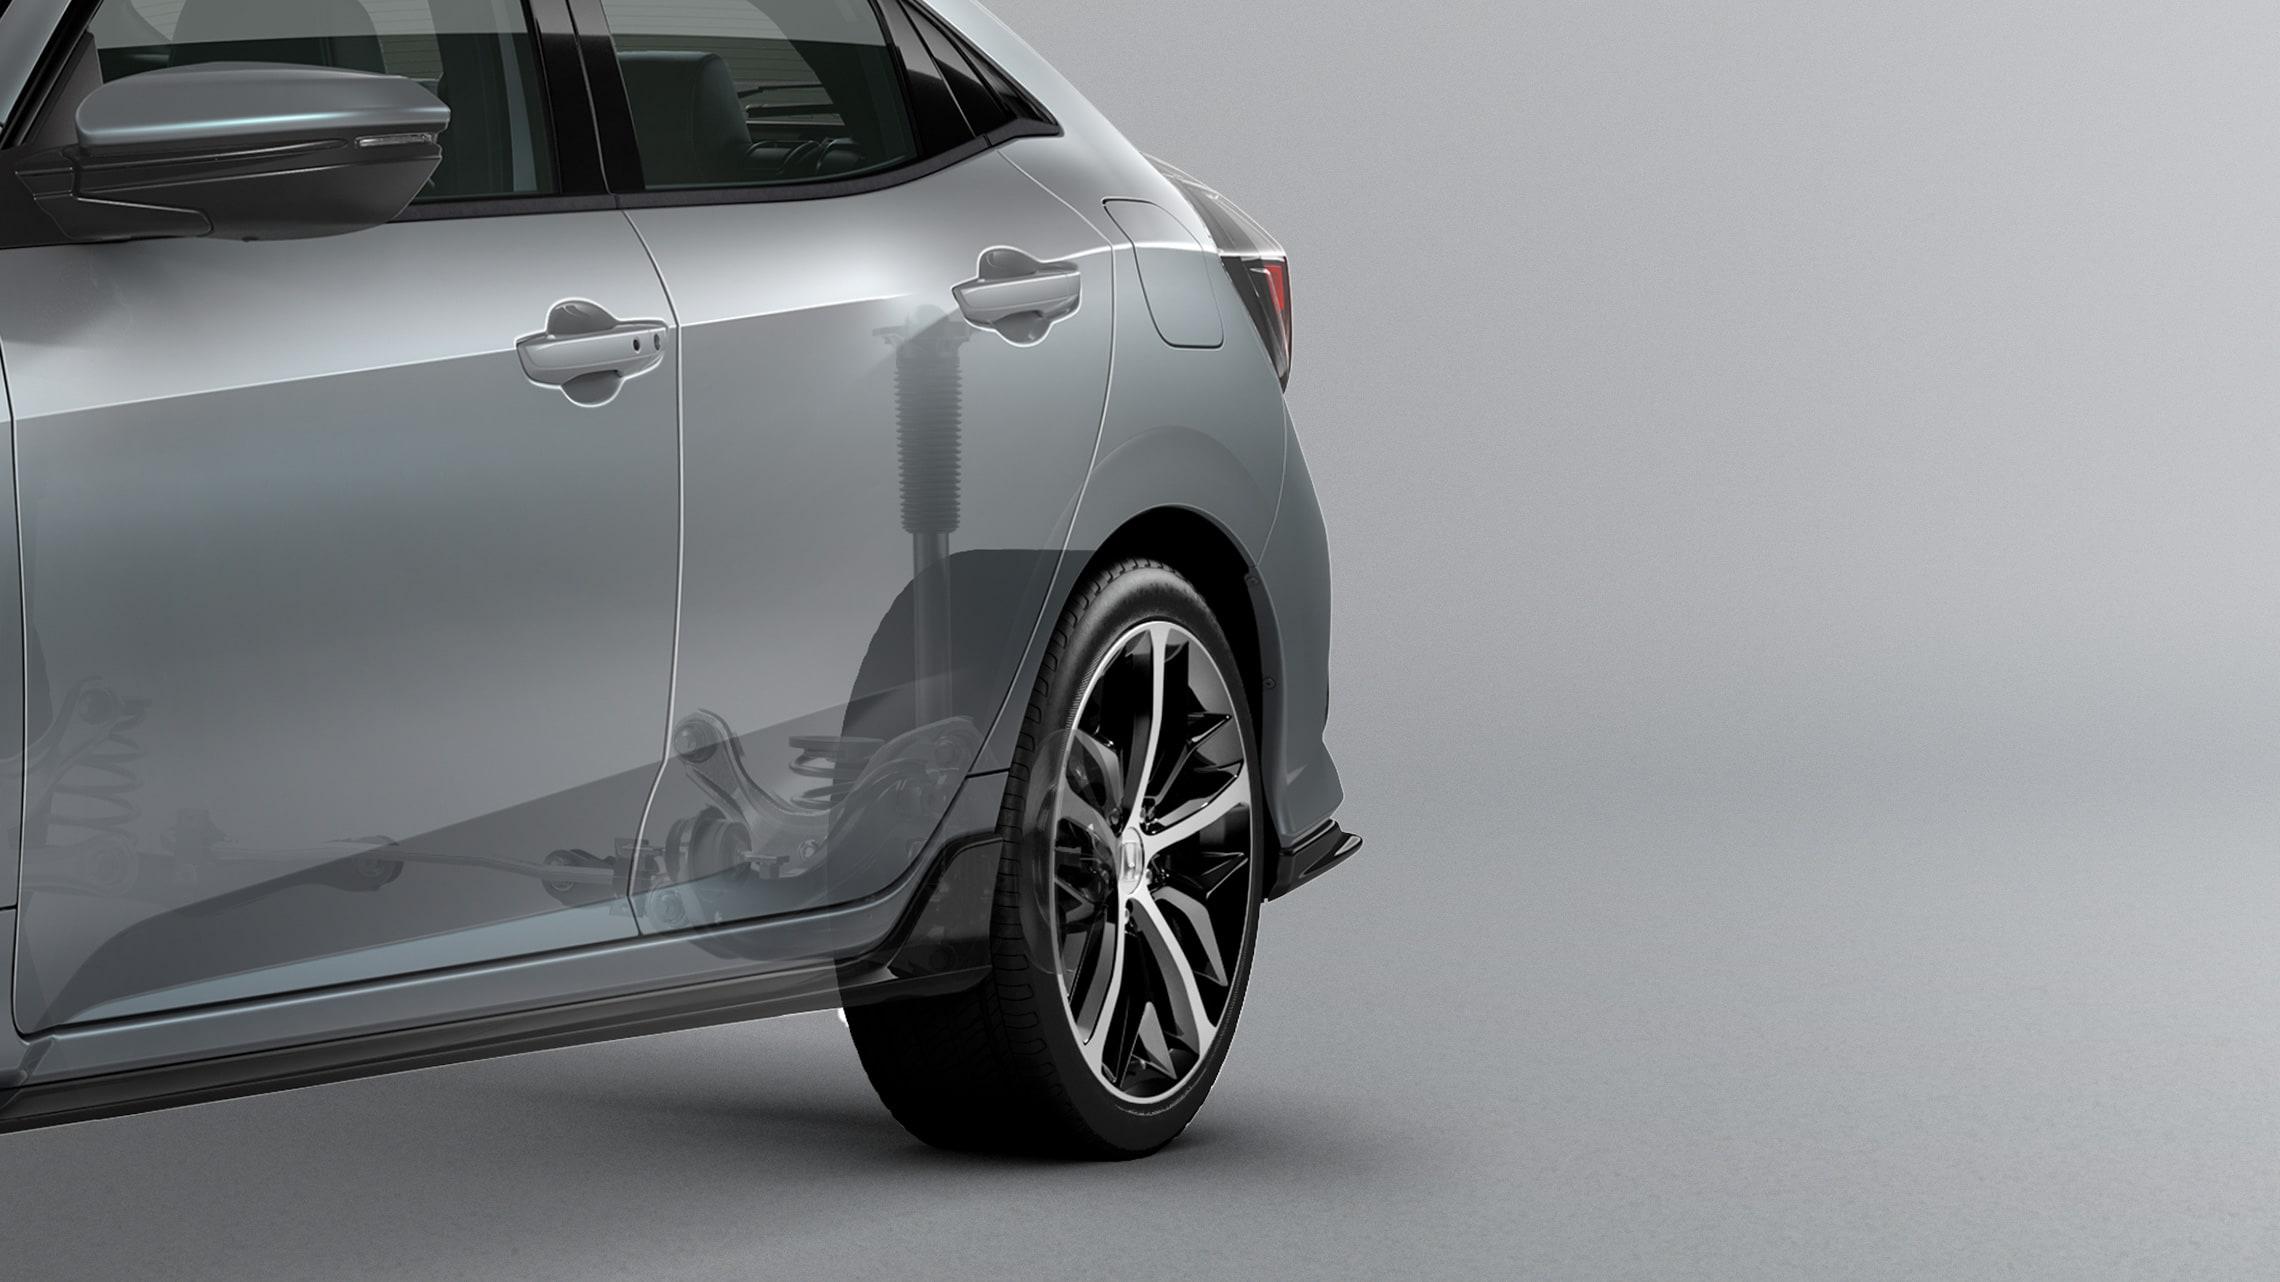 Ilustración de la suspensión trasera independiente del Honda Civic Sport Touring Hatchback2021 en Sonic Gray Pearl.